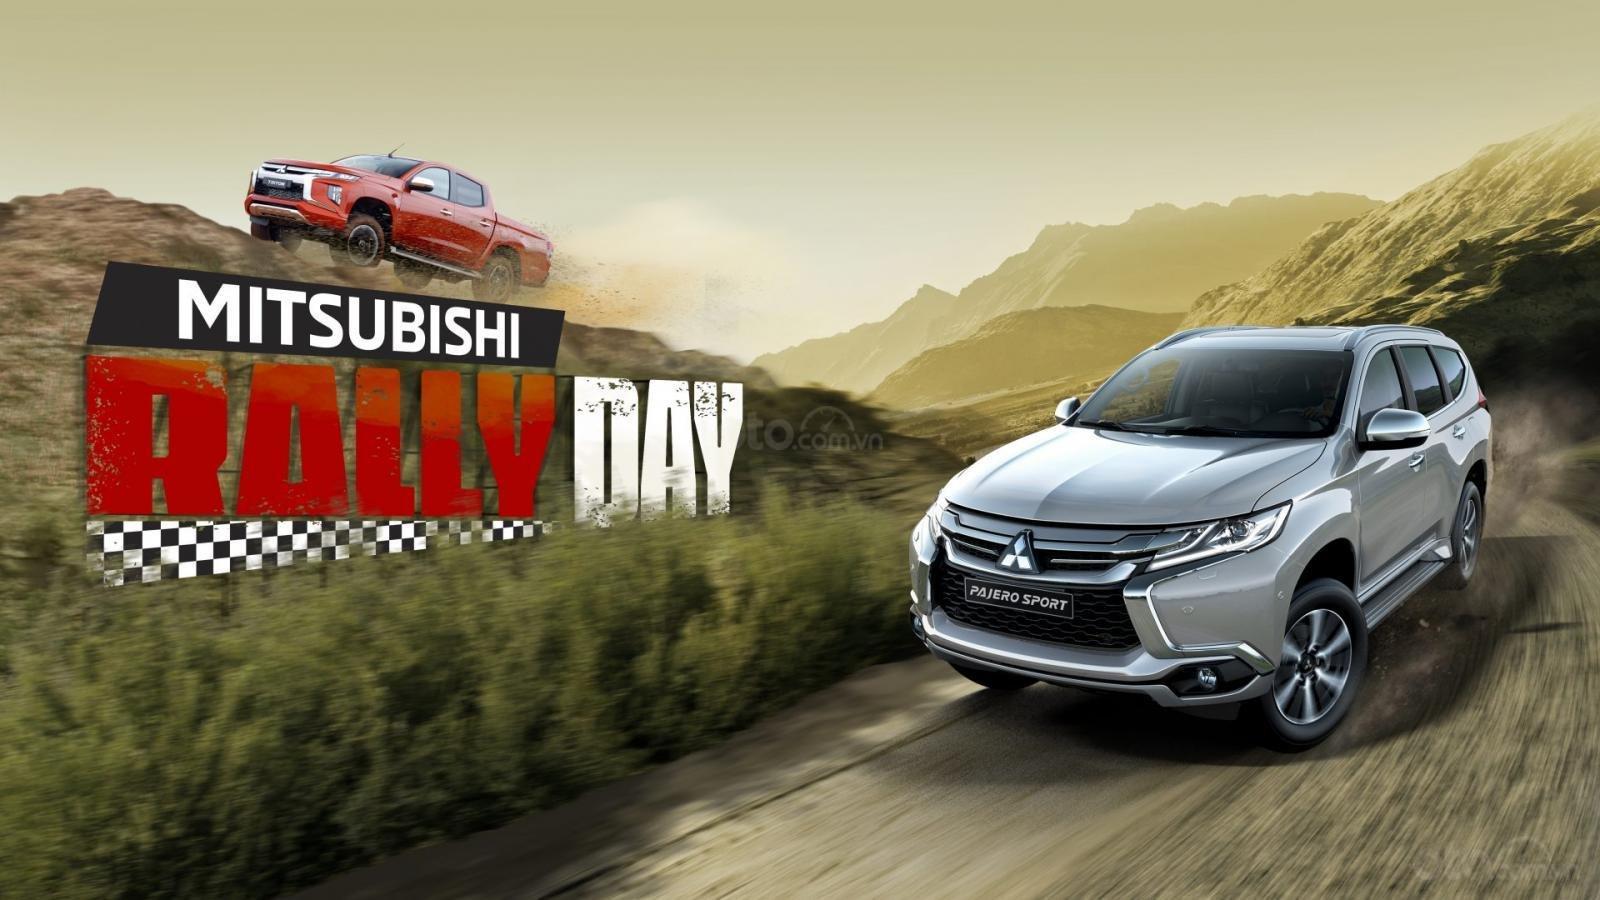 """Mitsubishi Motors Việt Nam giới thiệu chương trình """"Mitsubishi Rally Day"""" cùng 2 mẫu xe Pajero và Triton."""